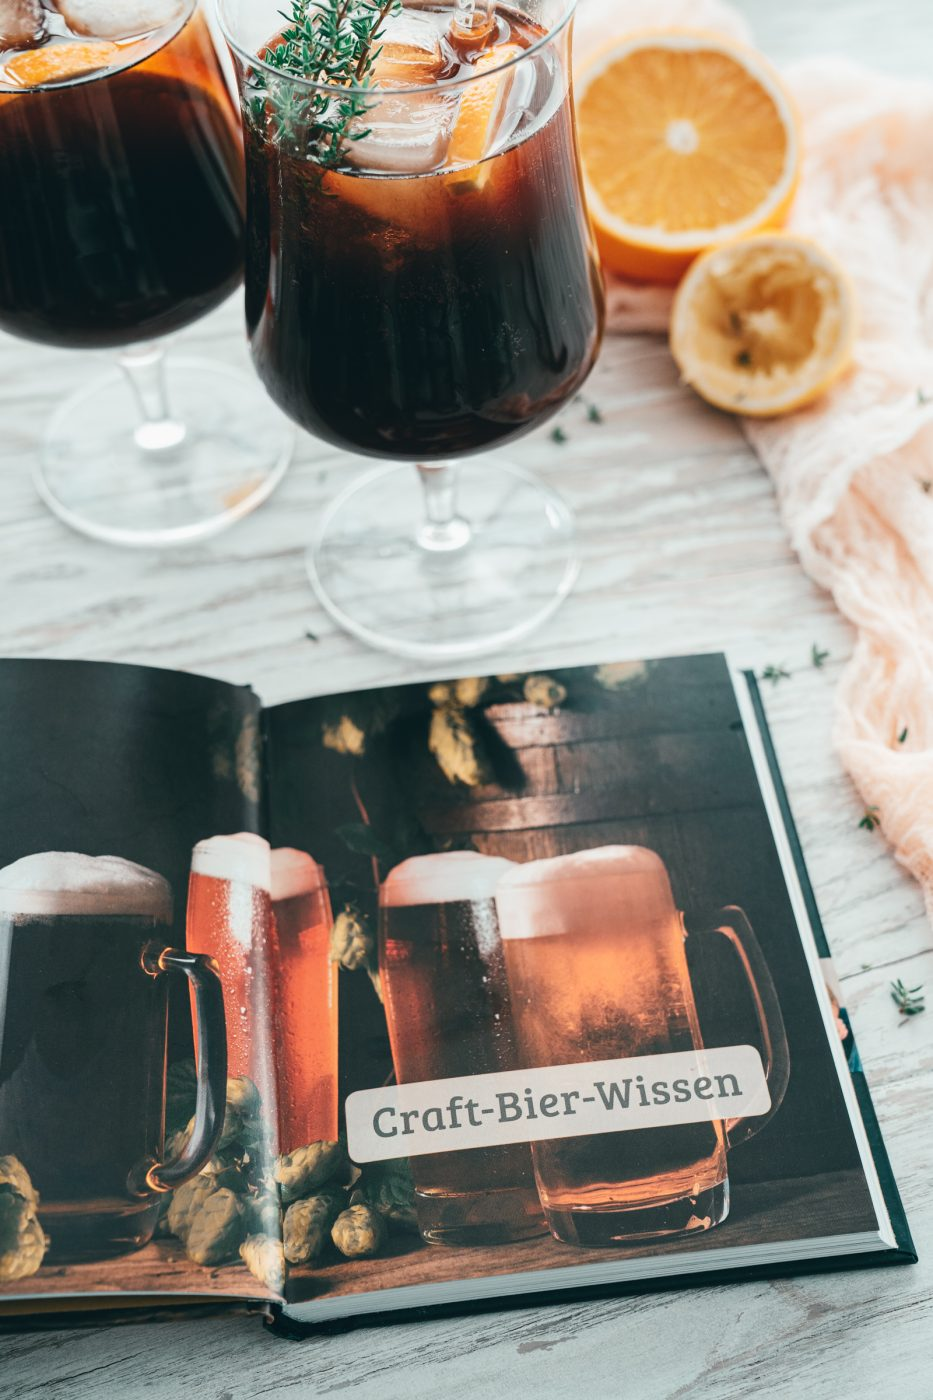 Rezept für einen sagenhaft fruchtigen Biercocktail. Das herb karamellige Imperial Stout und die frische Grapefruit und Orange bieten eine wunderbare Alternative zu Radler & Co.